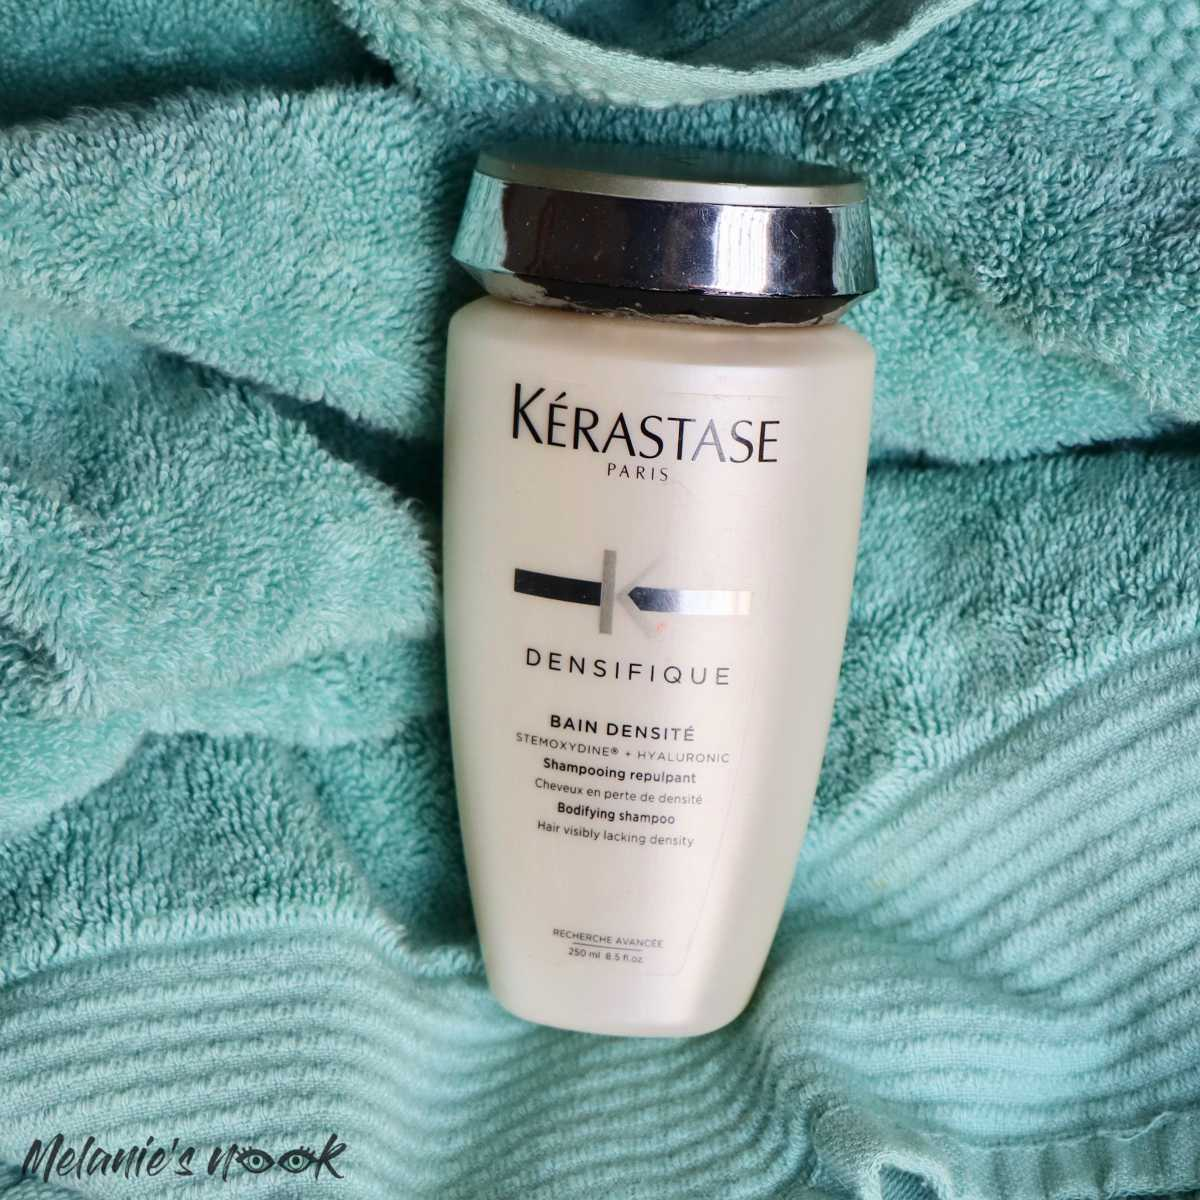 Shampoo Review - Kérastase Densifique